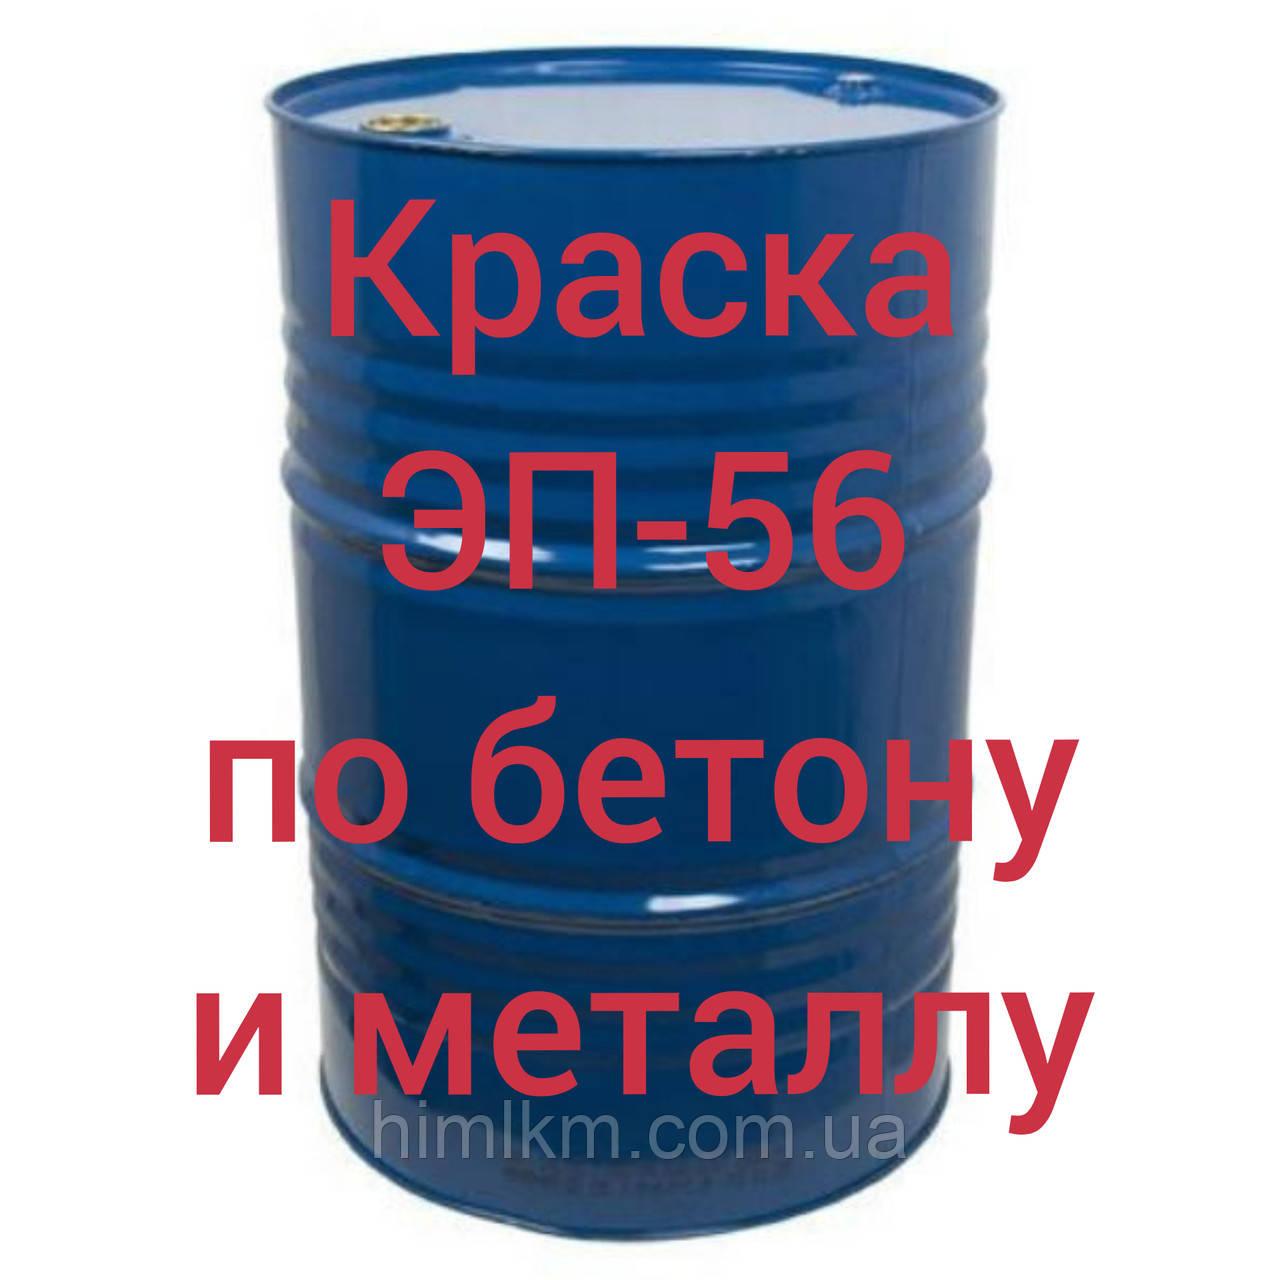 Эмаль ЭП-56 двухкомпонентная для окраски бетонных полов и металла, 50кг